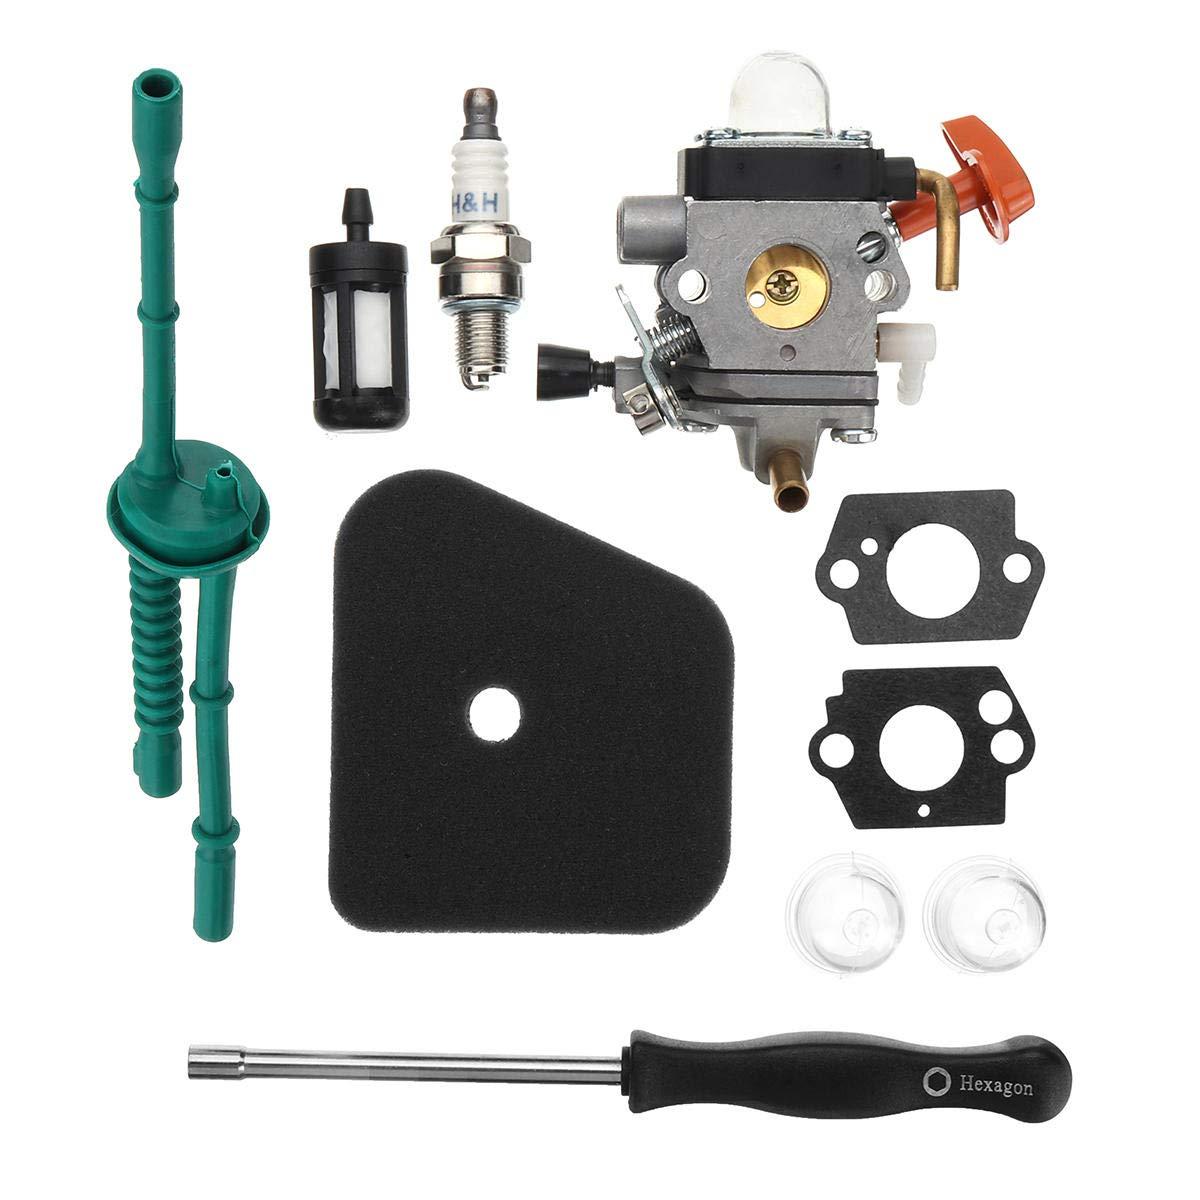 Desconocido Carburetor - Junta de Filtro de Combustible para STIHL FS38 FS45 FS46 FS55 KM55 FS85 COD